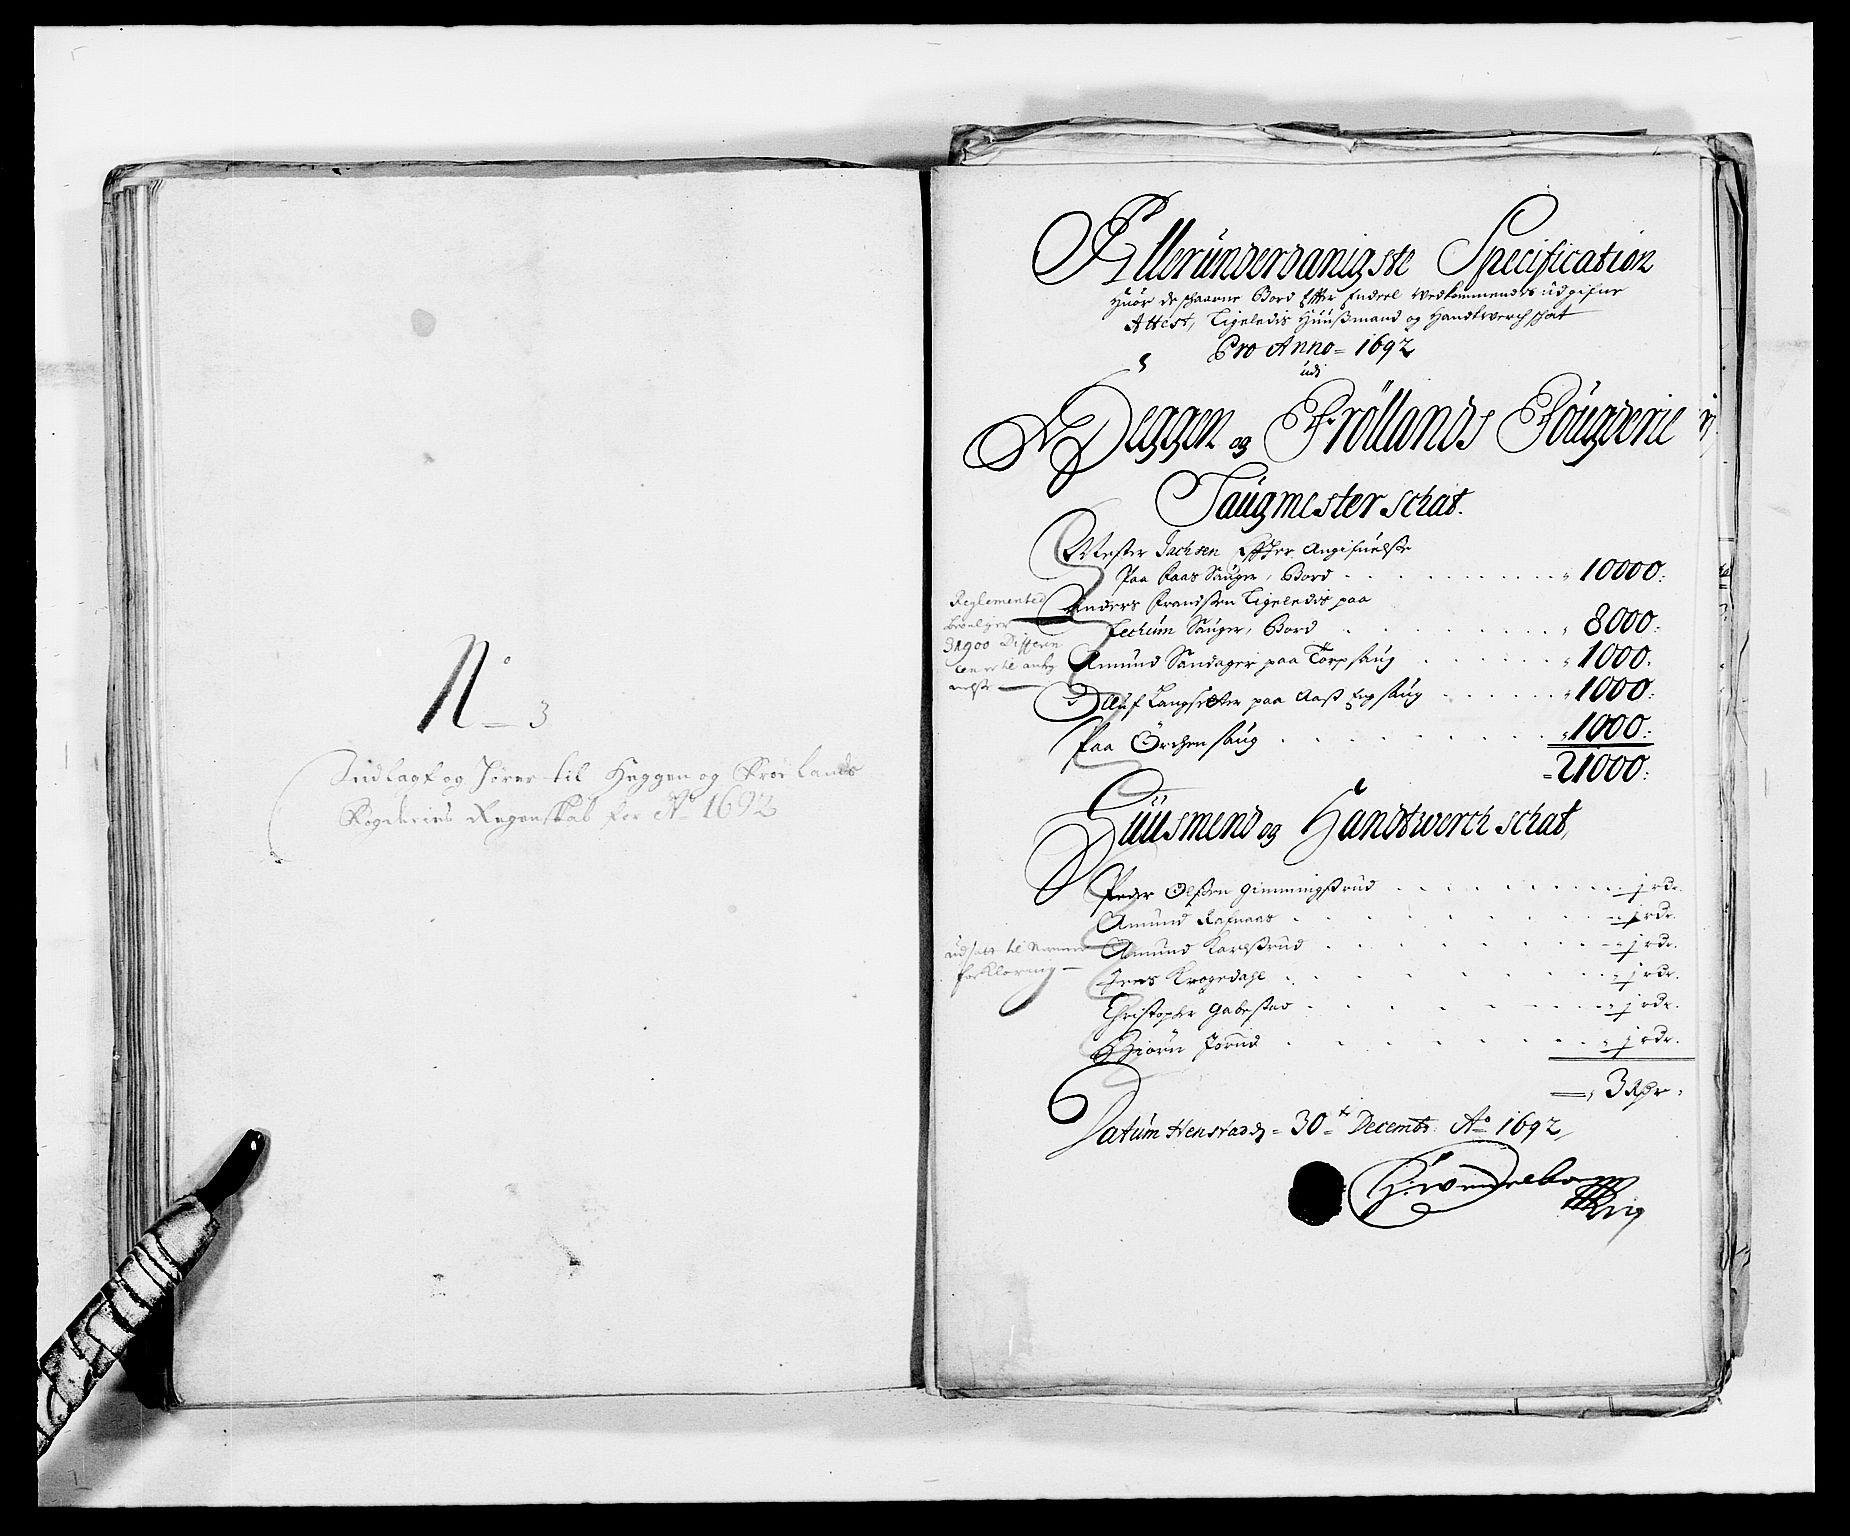 RA, Rentekammeret inntil 1814, Reviderte regnskaper, Fogderegnskap, R06/L0283: Fogderegnskap Heggen og Frøland, 1691-1693, s. 250